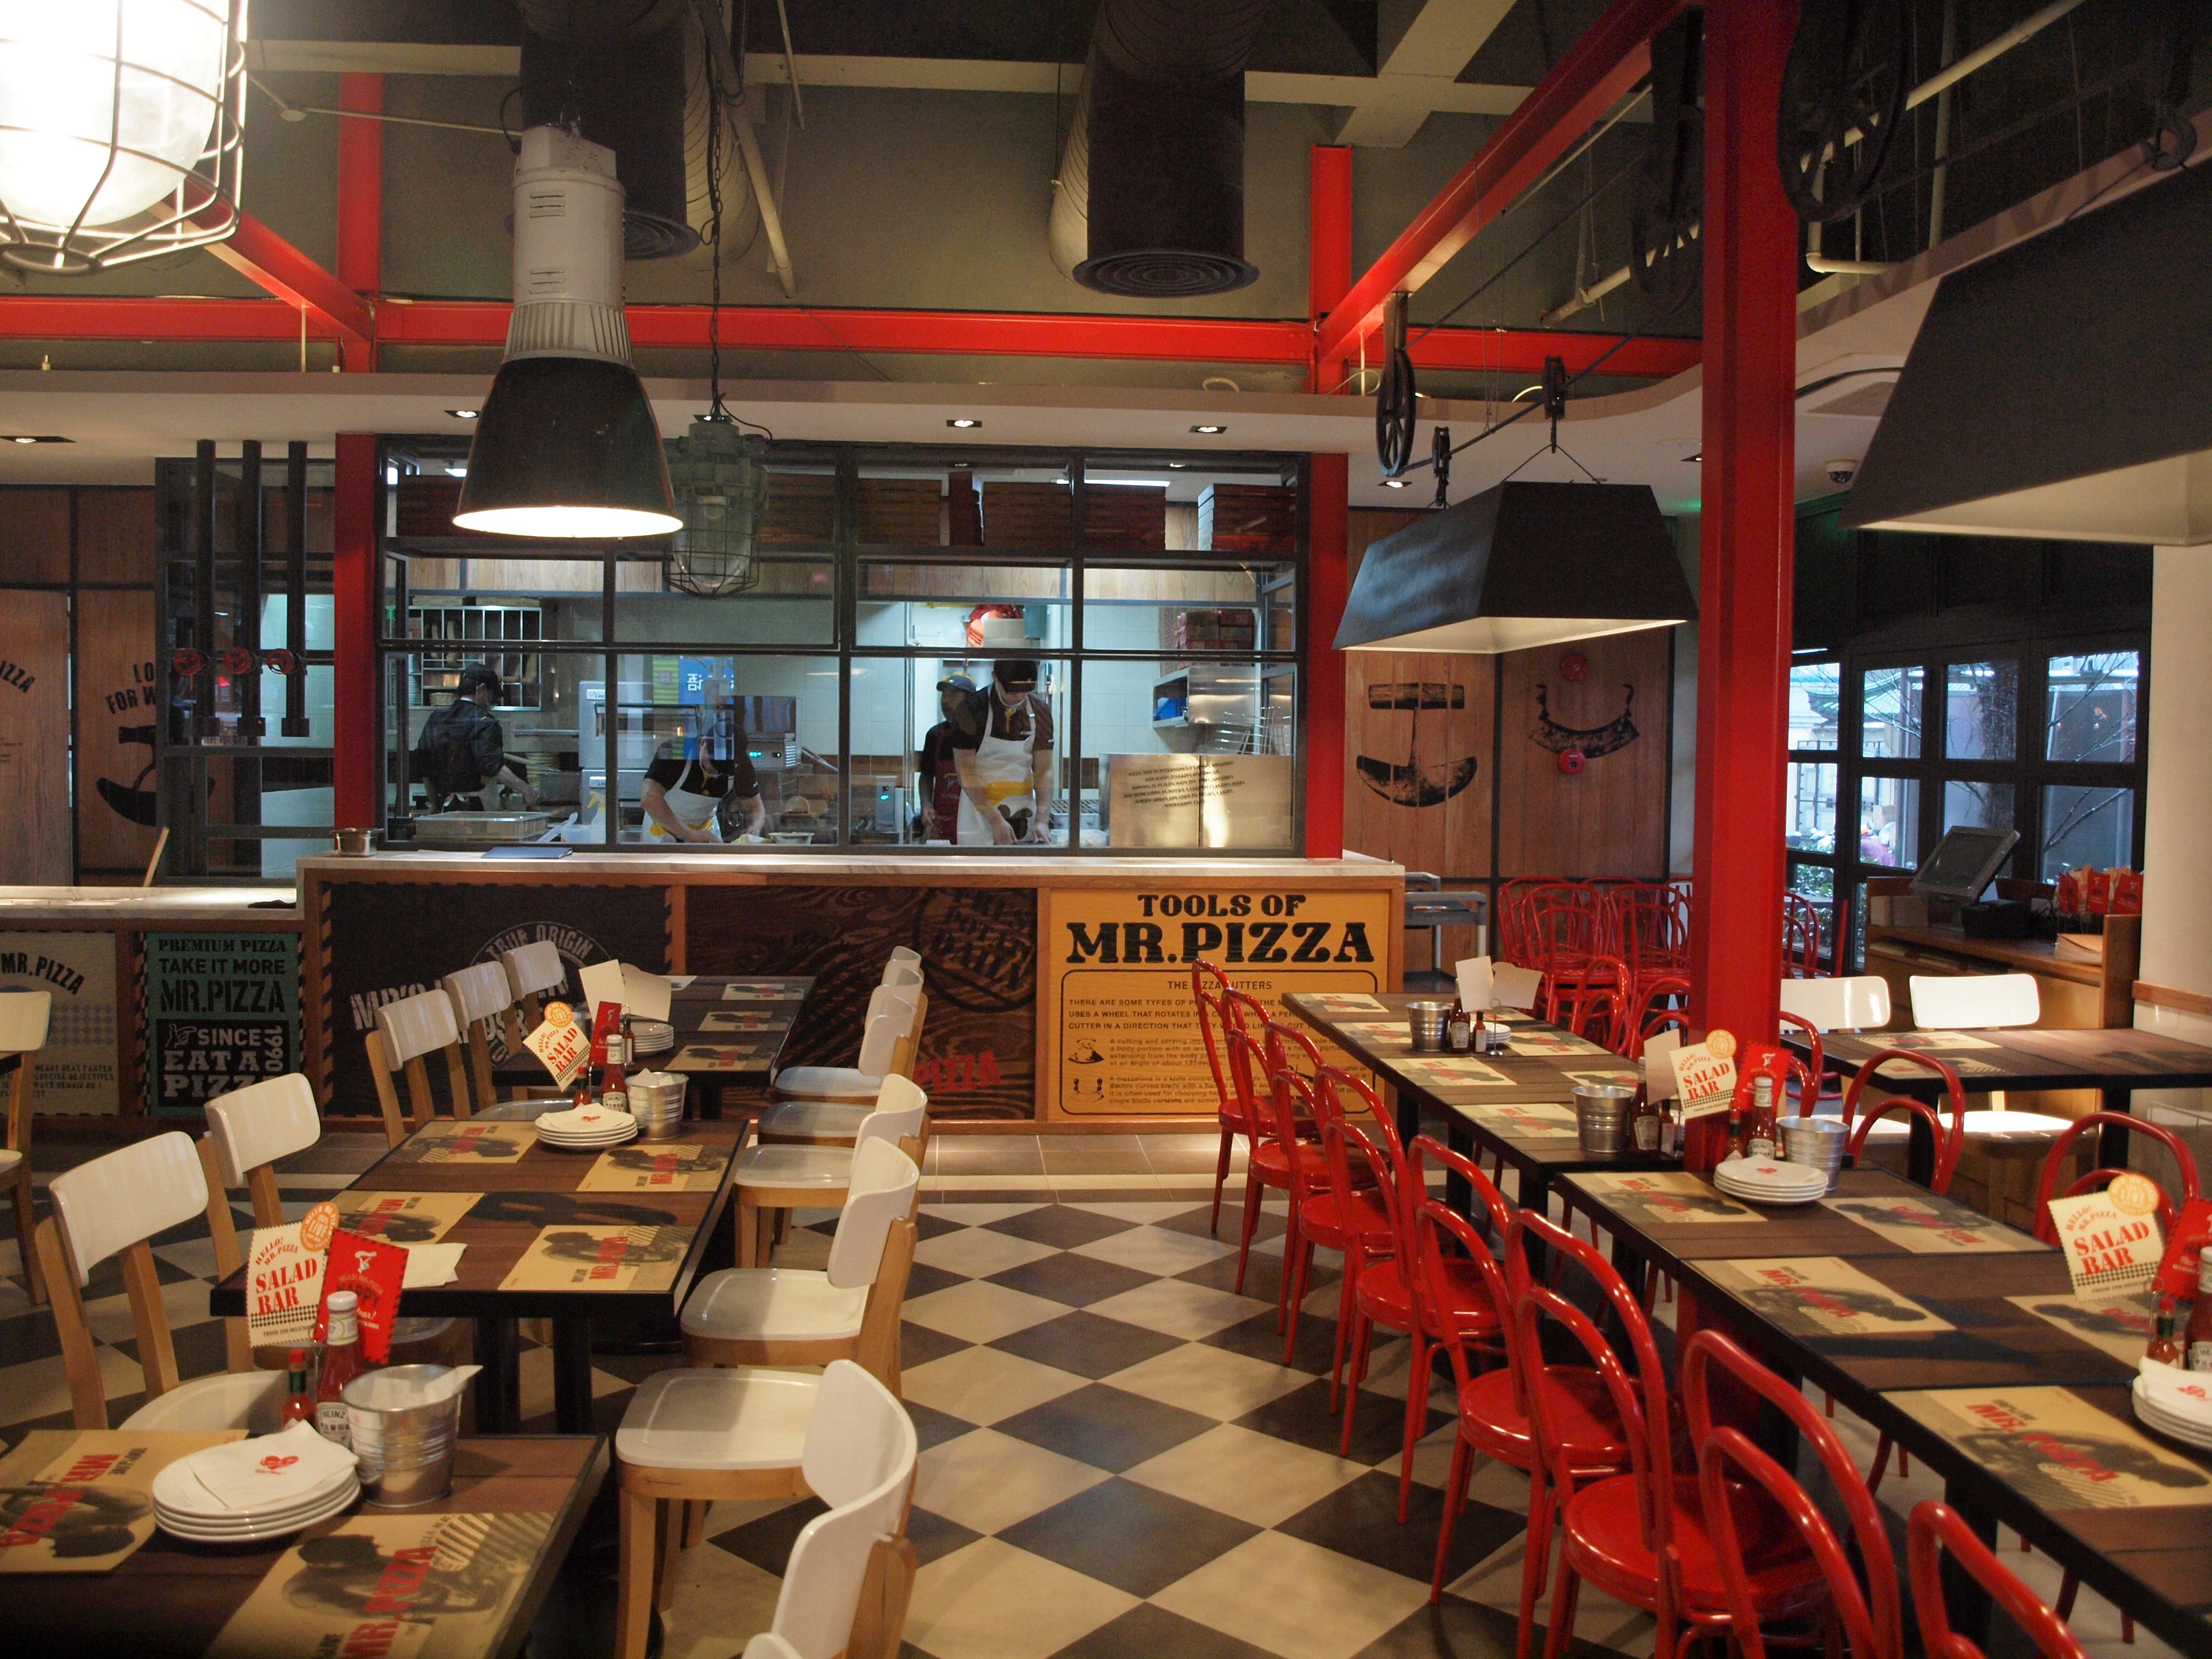 China Hut Restaurant Crescent City Ca Menu